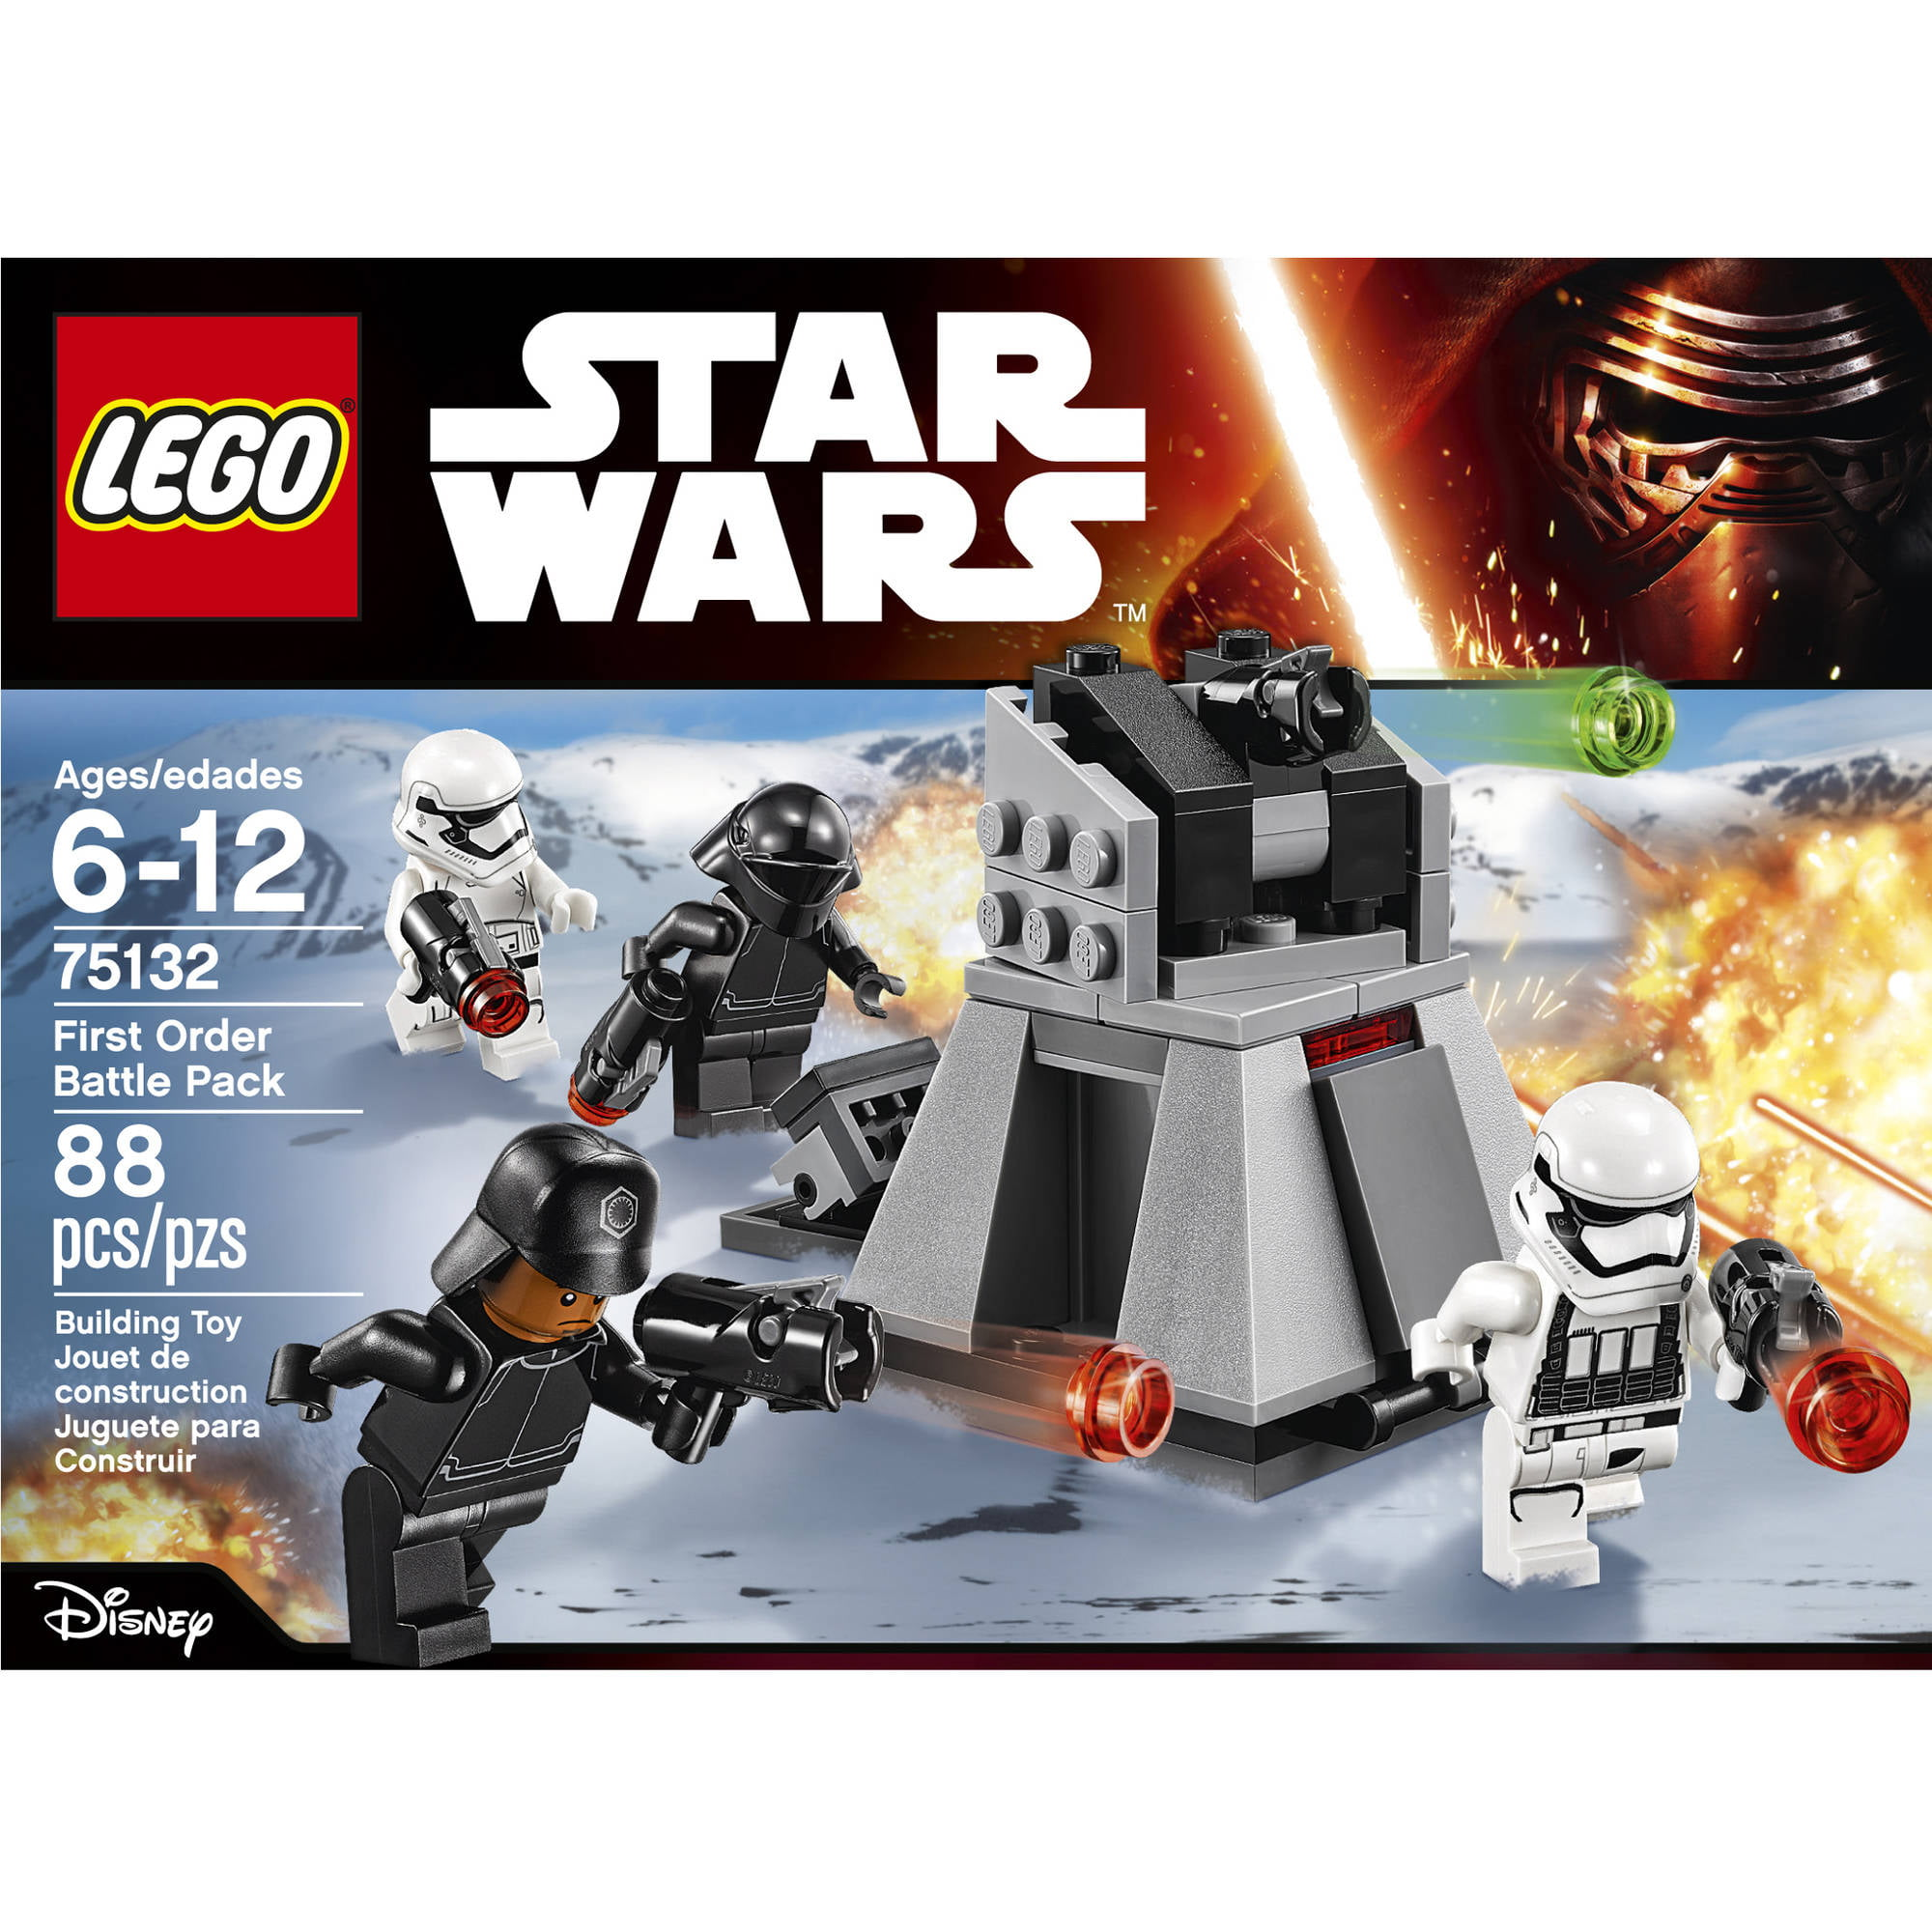 LEGO Star Wars TM First Order Battle Pack Walmart